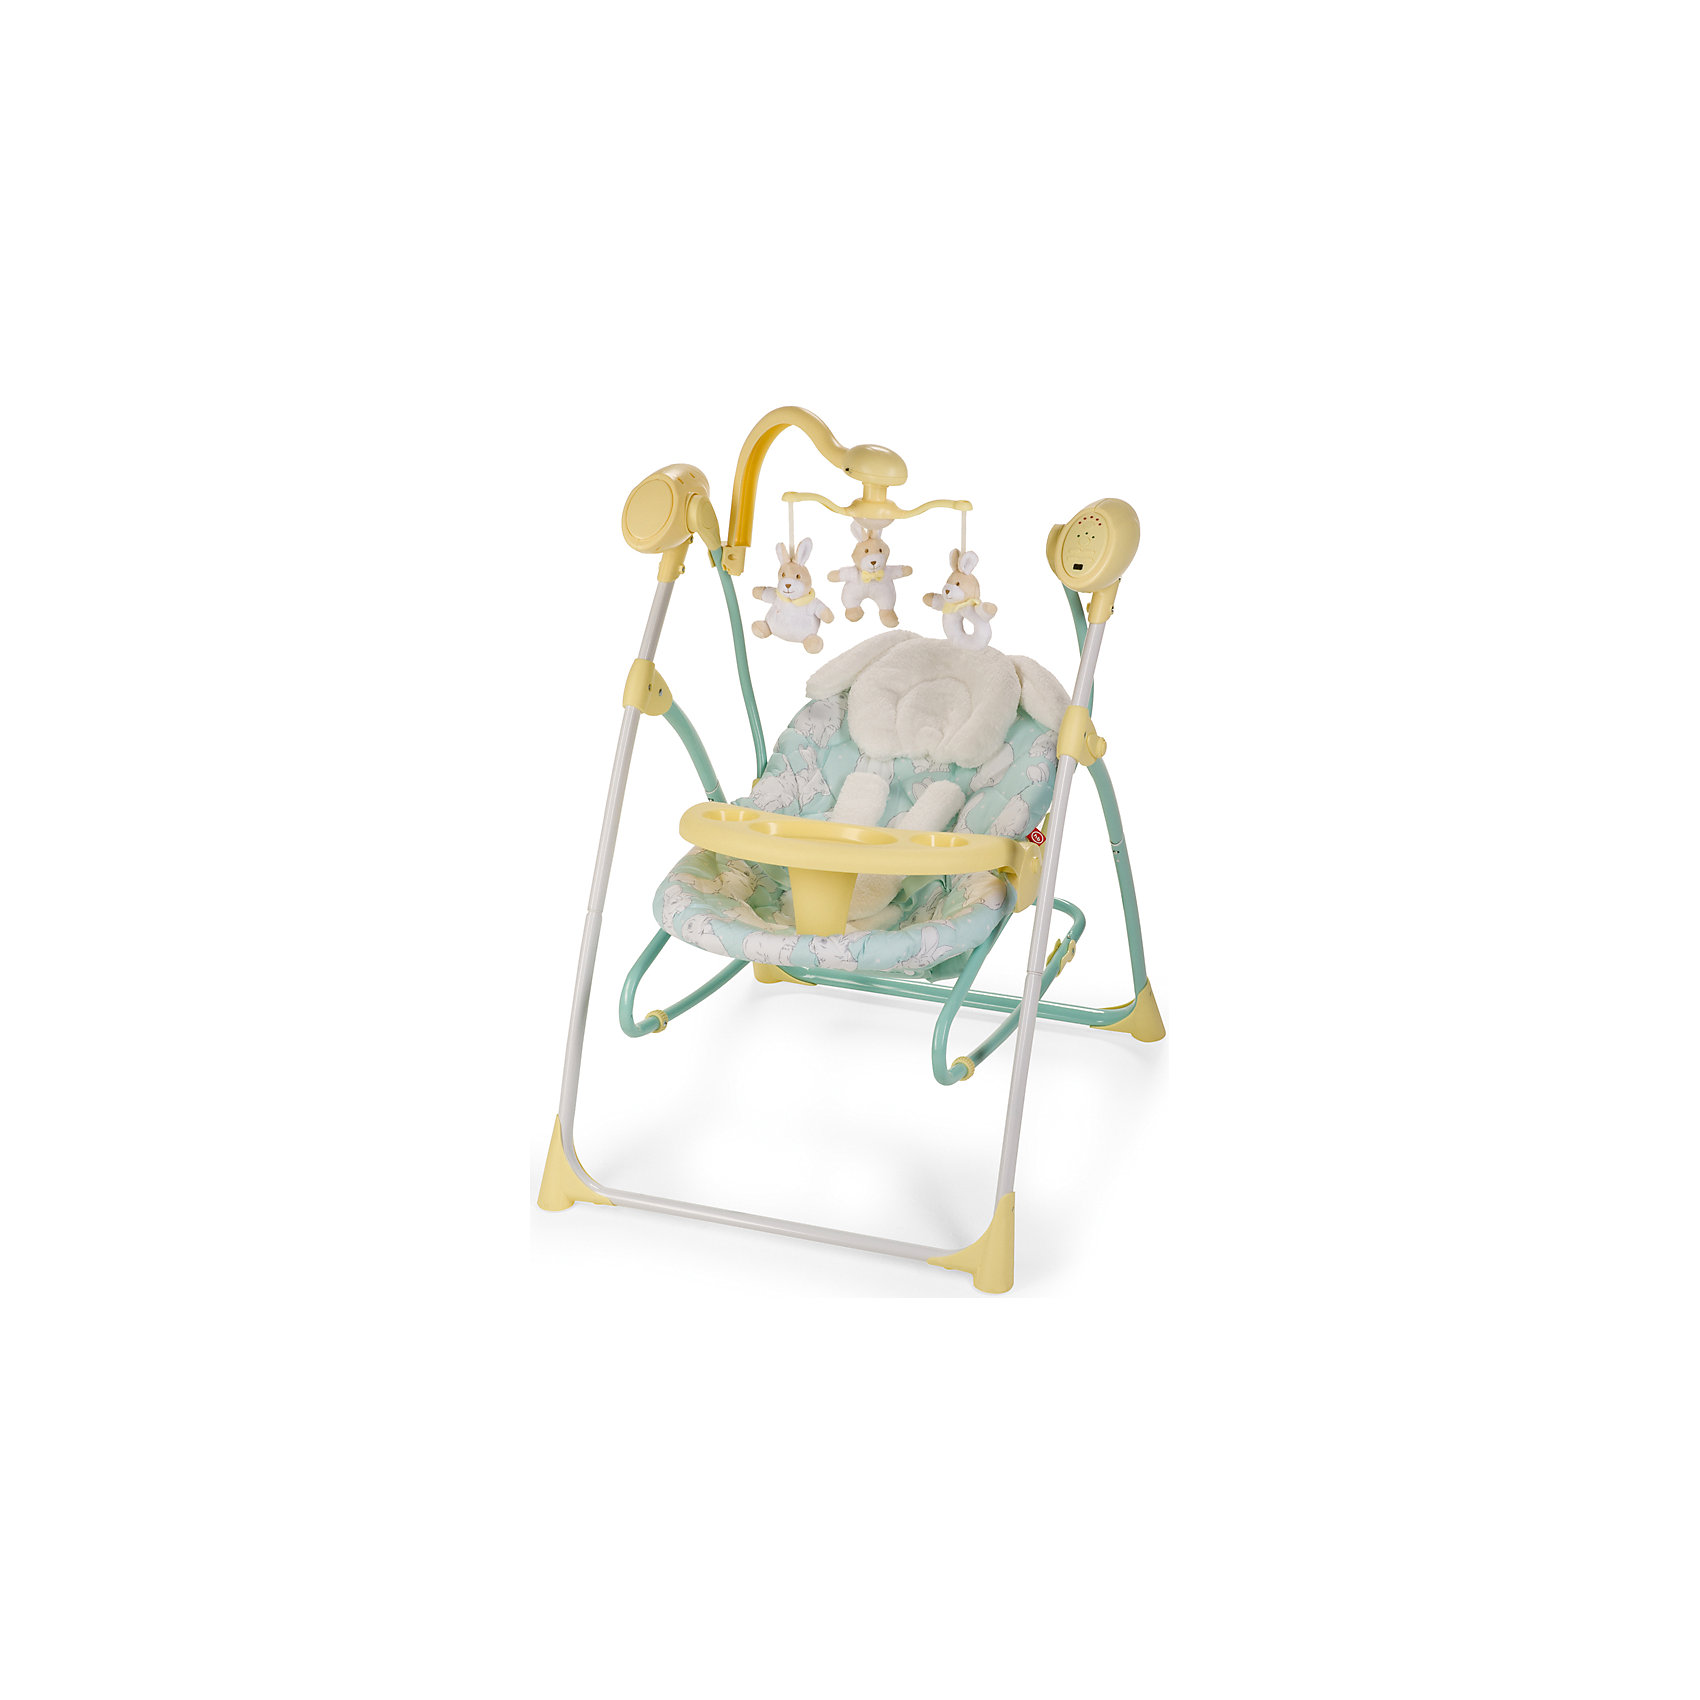 Электрокачели Luffy, Happy Baby, желтыйЭлектрокачели Luffy, Happy Baby, желтый – идеально подходят для активного бодрствования, развивающих игр, отдыха и дневного сна малыша.<br>Электрокачели Luffy — лучший помощник для мамы, начиная с первых дней жизни ребенка. Вы можете подобрать идеальное положение спинки, которое обеспечит малышу комфорт для сна или бодрствования. 3 положения спинки меняются одной рукой. Пять скоростей укачивания помогут выбрать оптимальный и комфортный вариант для вашего малыша. Двенадцать мелодий, а также наборы звуков природы развеселят или успокоят, а также помогут развитию слуха ребенка. Электронный съемный мобиль со съемными игрушками заинтересует кроху, поможет развитию его зрительных навыков. Имеется таймер со светодиодной подсветкой на 15, 30 и 60 минут, который поможет маме заниматься своими неотложными делами. Пушистая подушка под головку с ушками превратит малыша в милого зайчонка. Данная модель может использоваться и как шезлонг, для чего достаточно просто снять люльку с опоры качелей. Также в комплекте есть съемный столик с подстаканником для еды и игр, что очень удобно, когда мама начнет вводить первый прикорм, и малыш будет дольше бодрствовать. Чехол легко снимается, стирается, а сами качели легко складываются и не занимают много места в квартире. Работают либо от сети (адаптер входит в комплект), либо от 4 батареек.<br><br>Дополнительная информация:<br><br>- Возраст: с рождения<br>- Максимальный вес ребенка: 9 кг.<br>- Цвет: желтый<br>- В комплекте: подушечка под голову, адаптер, электронный мобиль с игрушками<br>- 5-точечные ремни безопасности, с мягкими накладками<br>- Разделитель для ножек<br>- Съемный электронный мобиль работает от 2 батареек типа АА<br>- 17 мелодий из них 5 звуков природы с регулировкой громкости<br>- Удобная съемная подушечка под голову<br>- Ширина посадочного места: 24 см.<br>- Глубина посадочного места: 30 см.<br>- Длина спального места: 83 см.<br>- Размеры в разложенном виде: 78х66х99 см.<br>- Вес: 7,2 